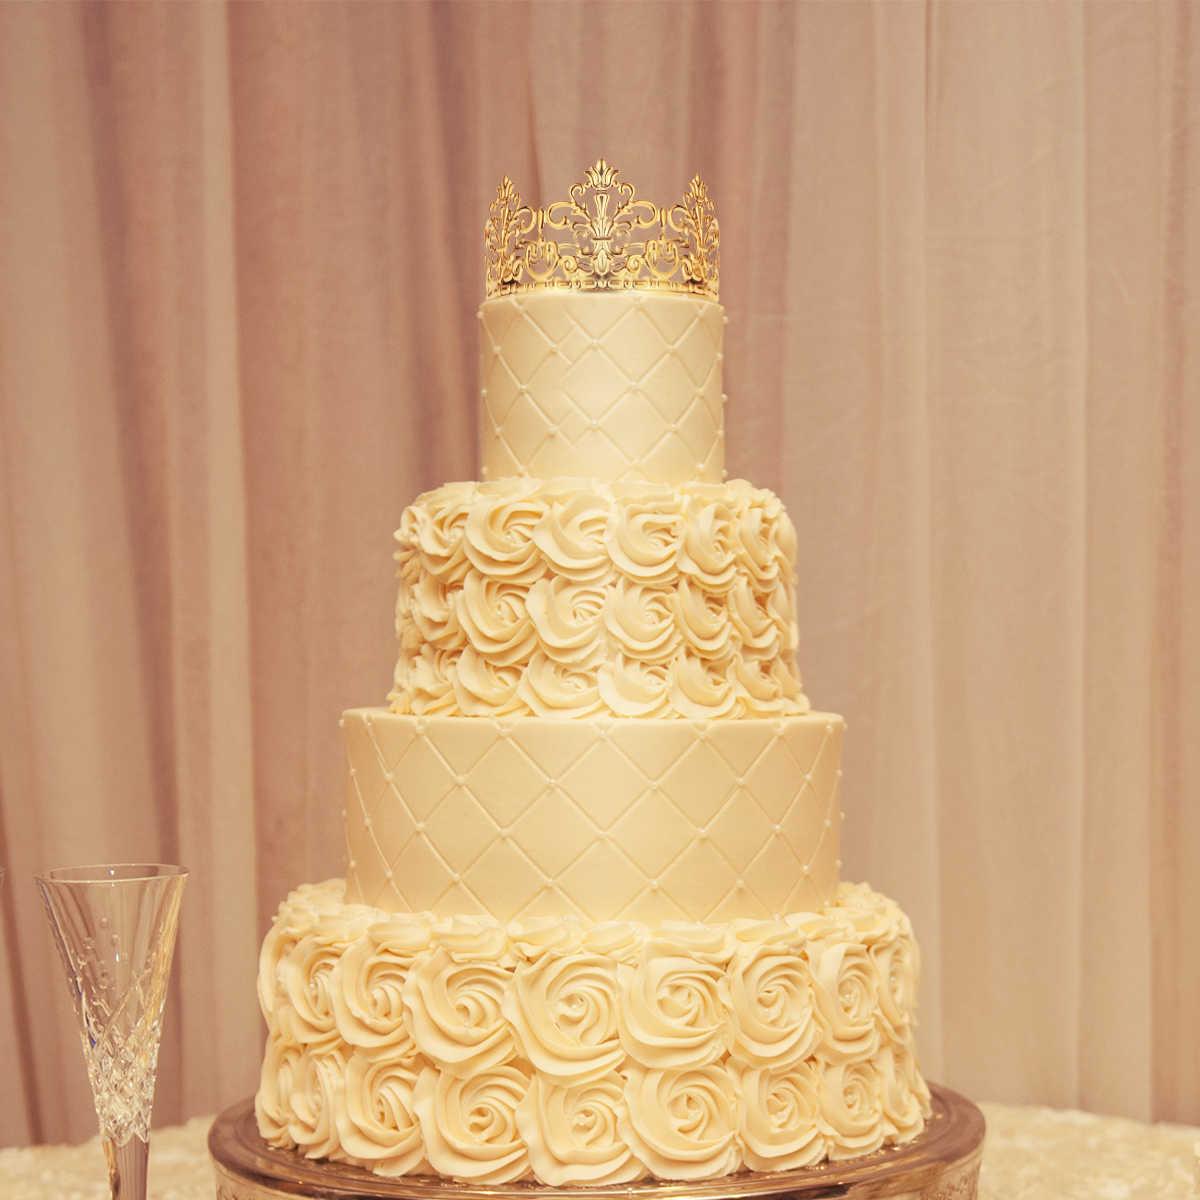 BESTONZON 2 sztuk Tiara księżniczka korona ozdoba na wierzch tortu dekoracje na tort urodzinowy Topper korona Topper ozdoby do włosów materiały ślubne (złoto)